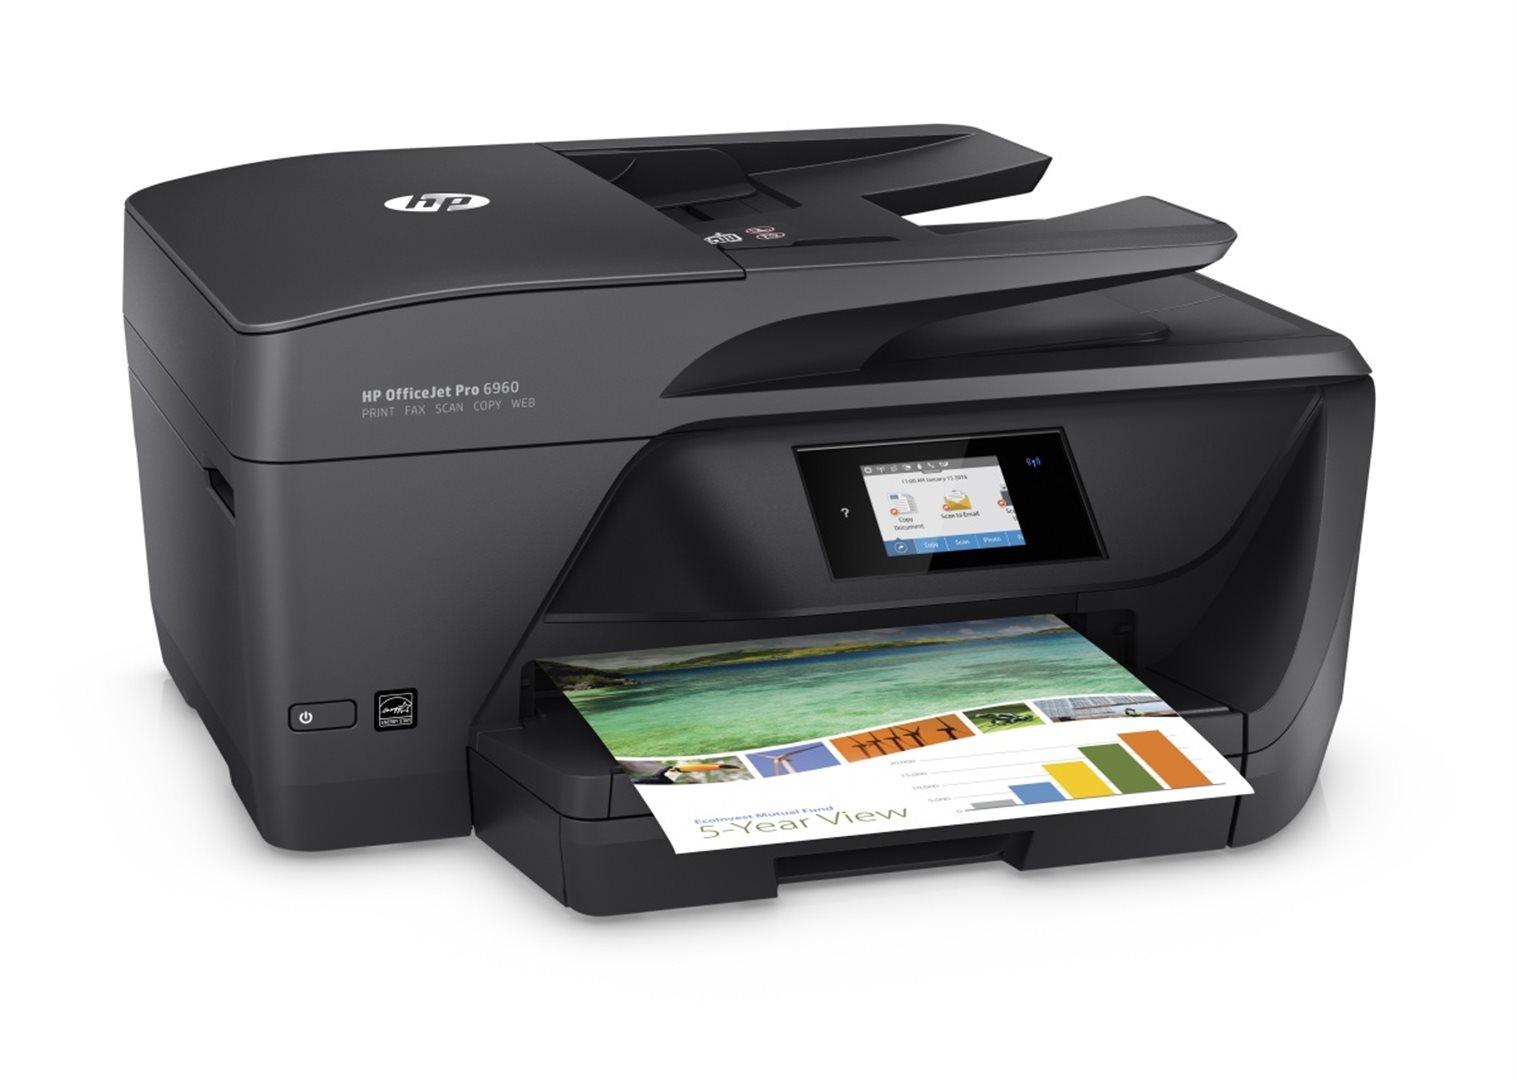 Inkoustová multifunkční tiskárna HP Officejet Pro 6960